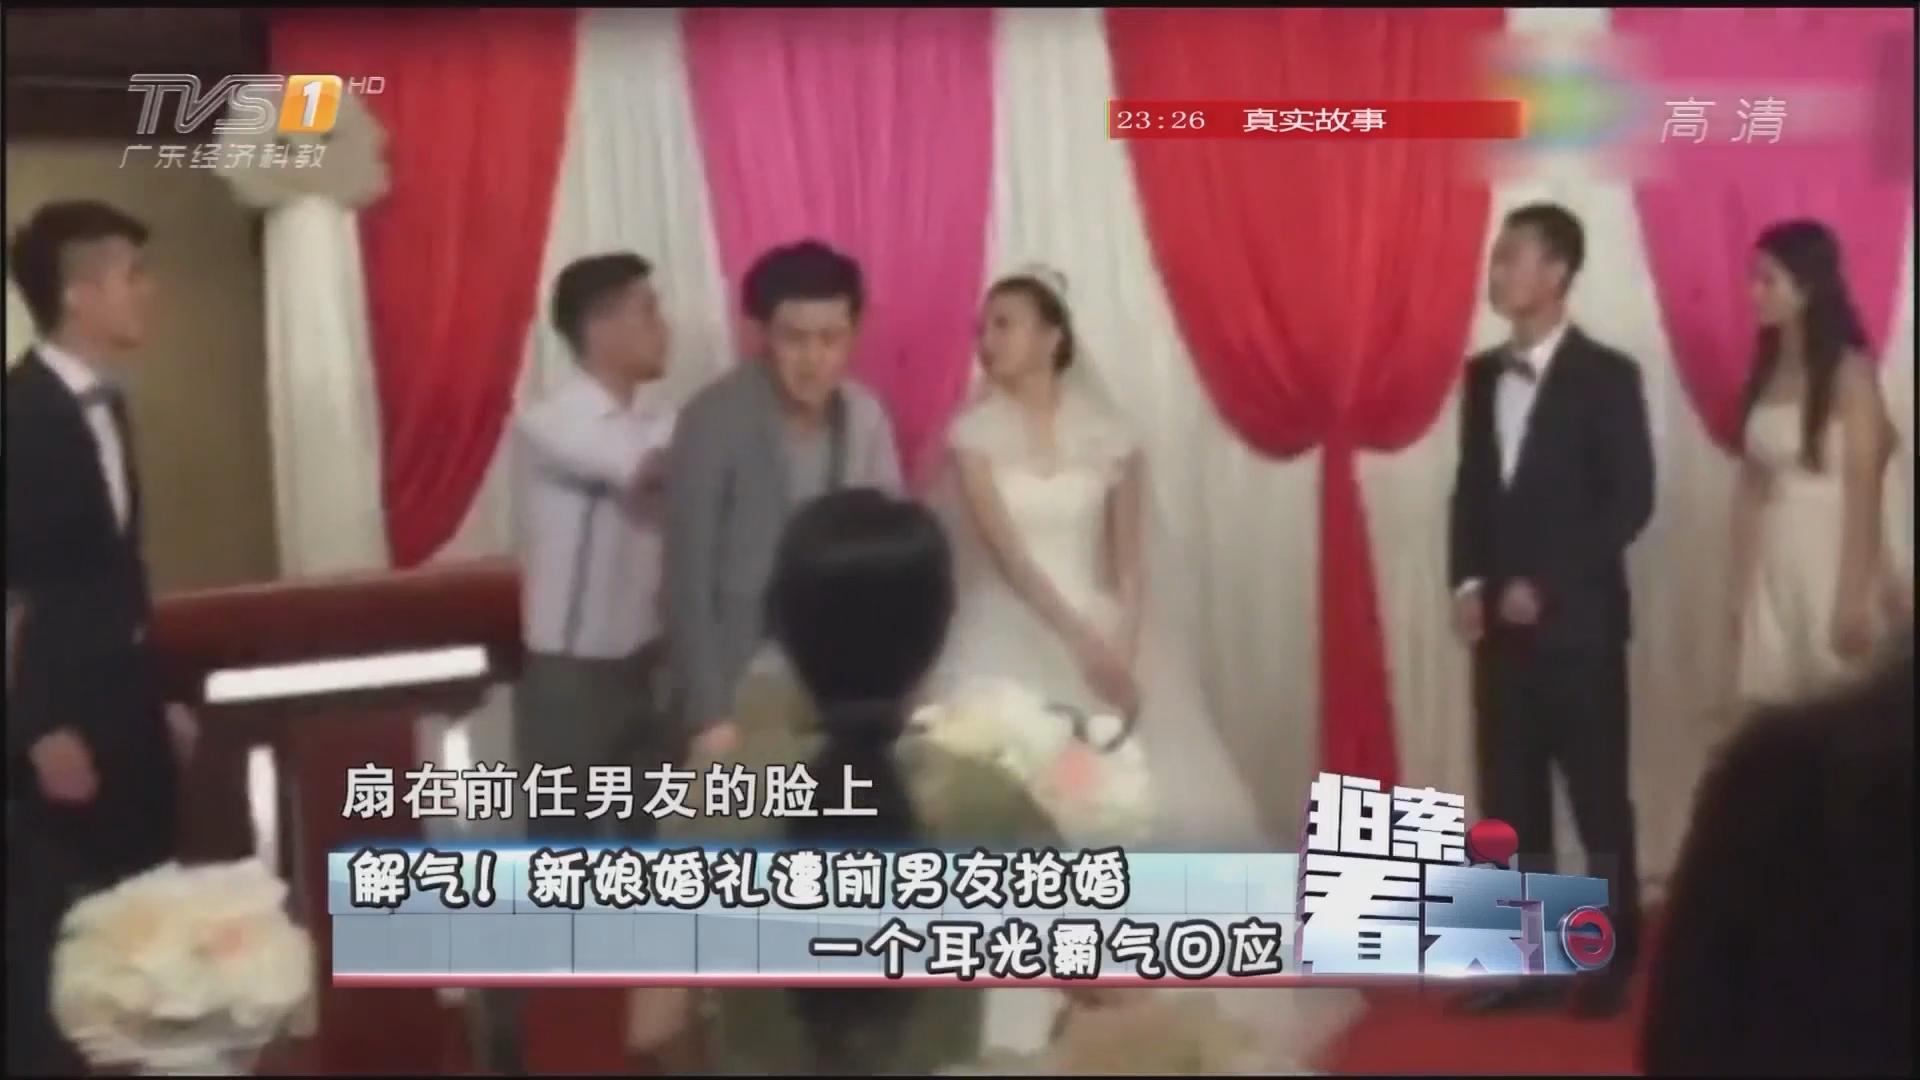 解气!新娘婚礼遭前男友抢婚 一个耳光霸气回应